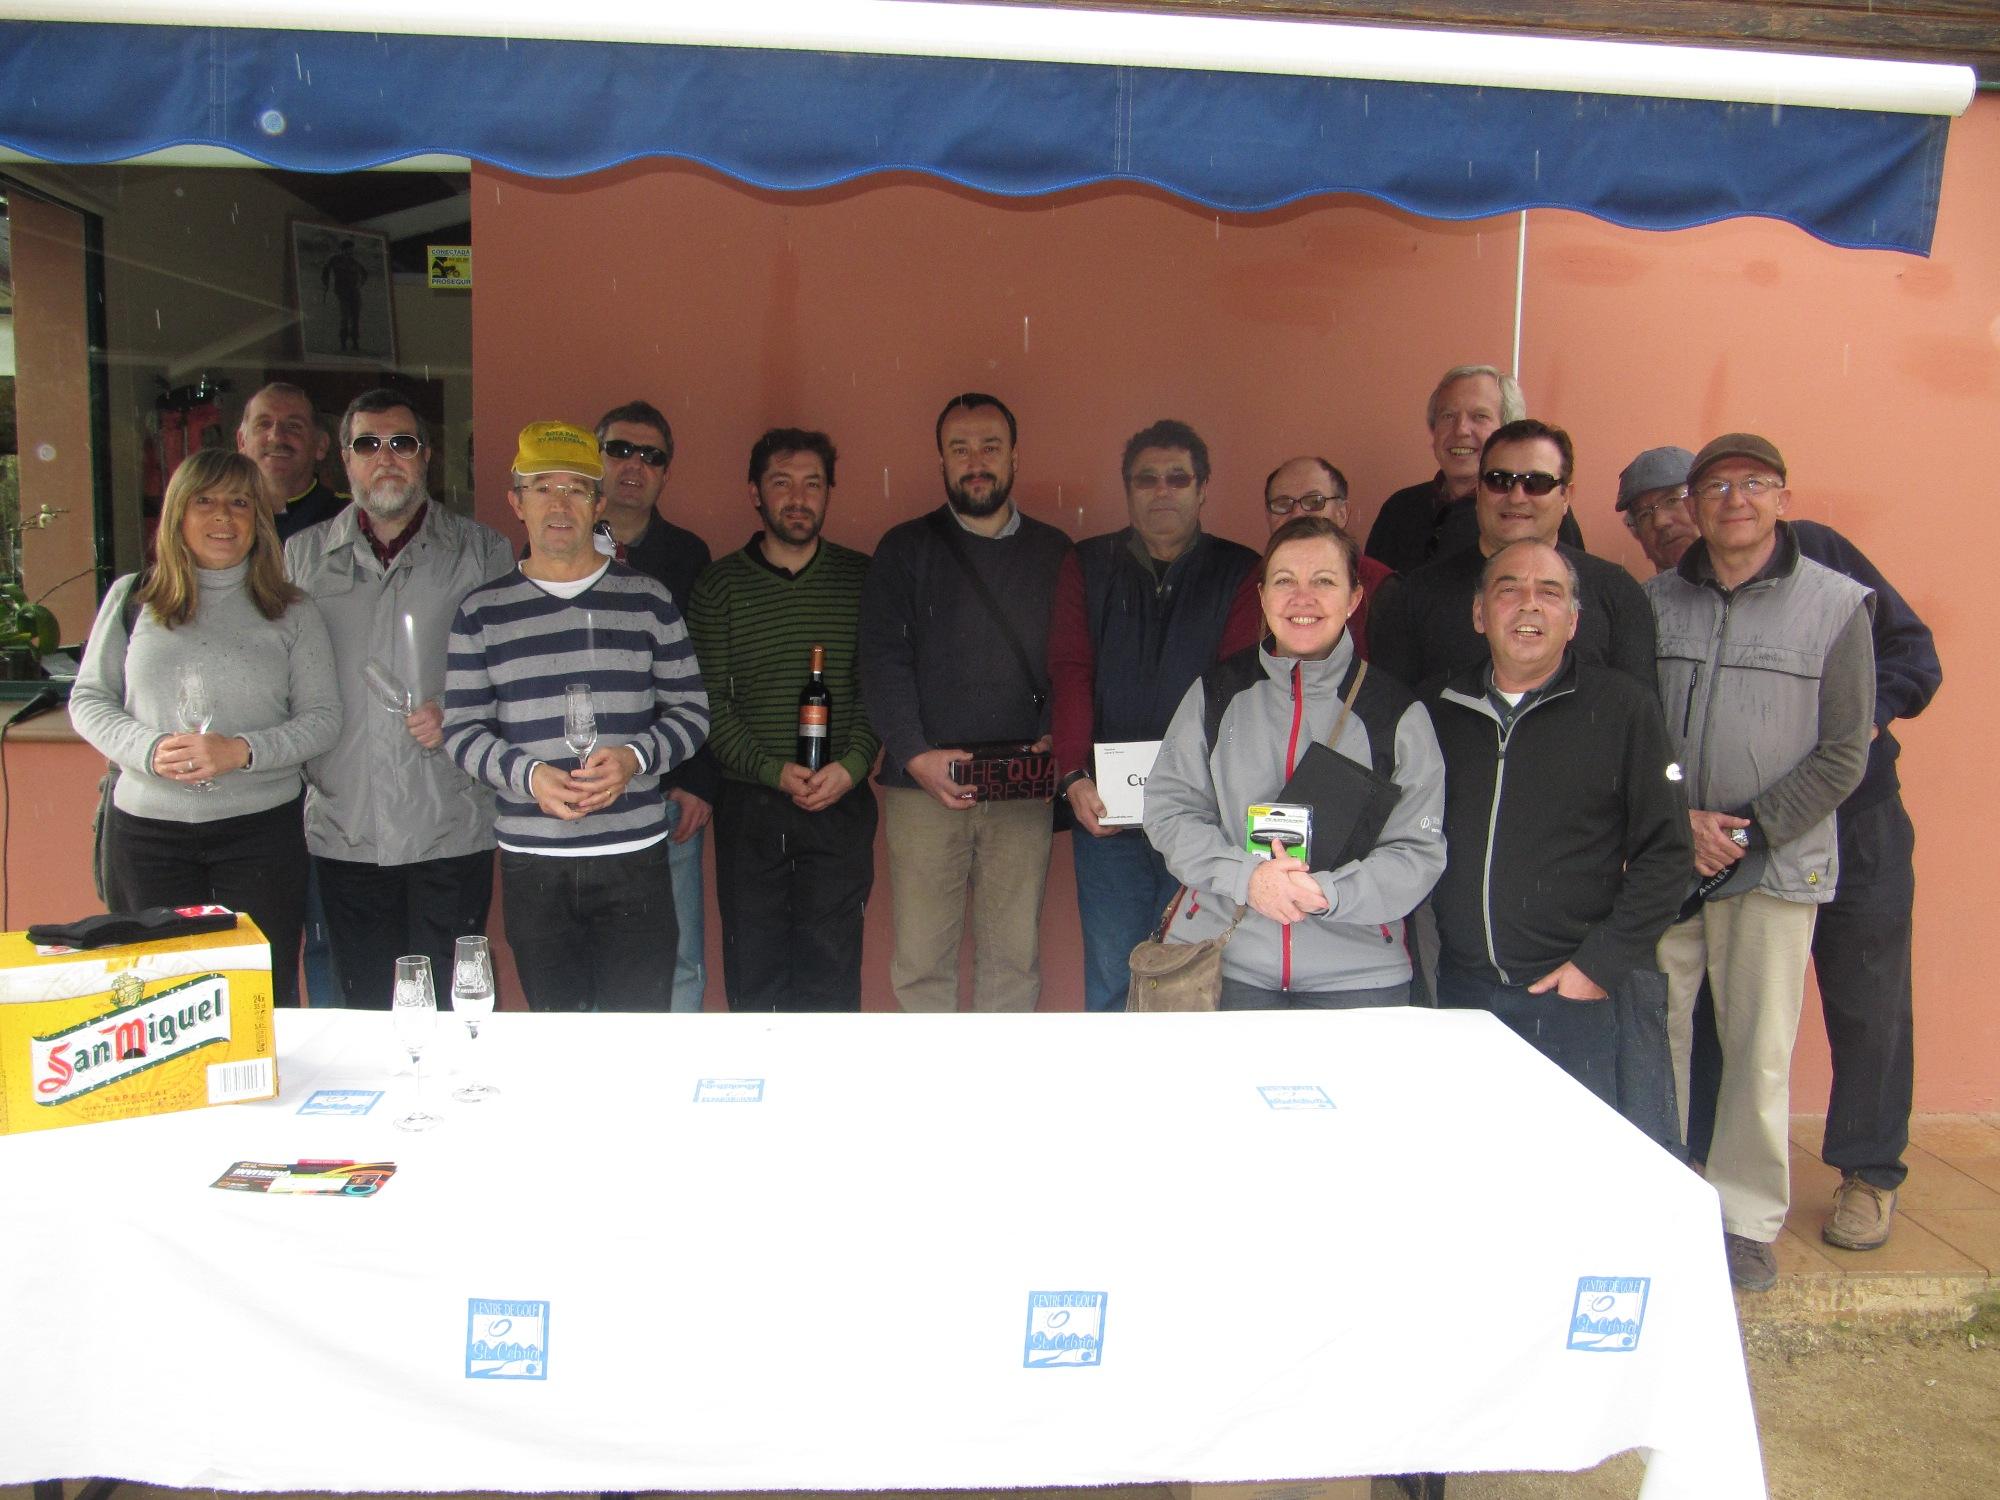 <!--:es-->Eduardo Carrillo s'endu la victòria scratx a Sant Cebrià<!--:--><!--:en-->Eduardo Carrillo wins scratx at Sant Cebrià <!--:-->